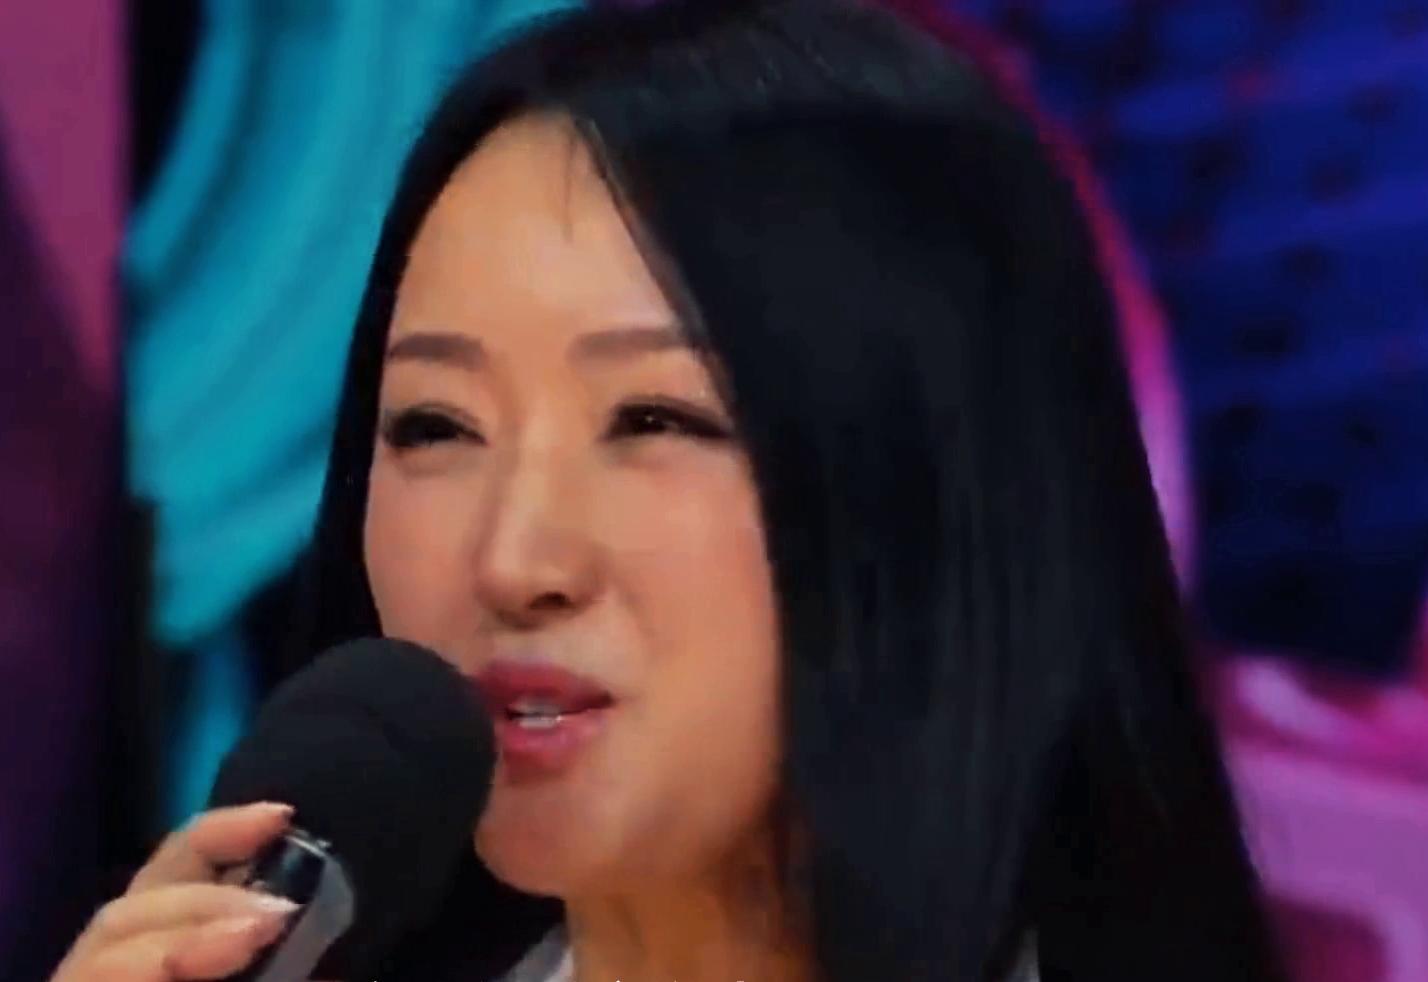 杨钰莹第一次上央视,编播人员被其美貌吓到,头一次见这么美的人